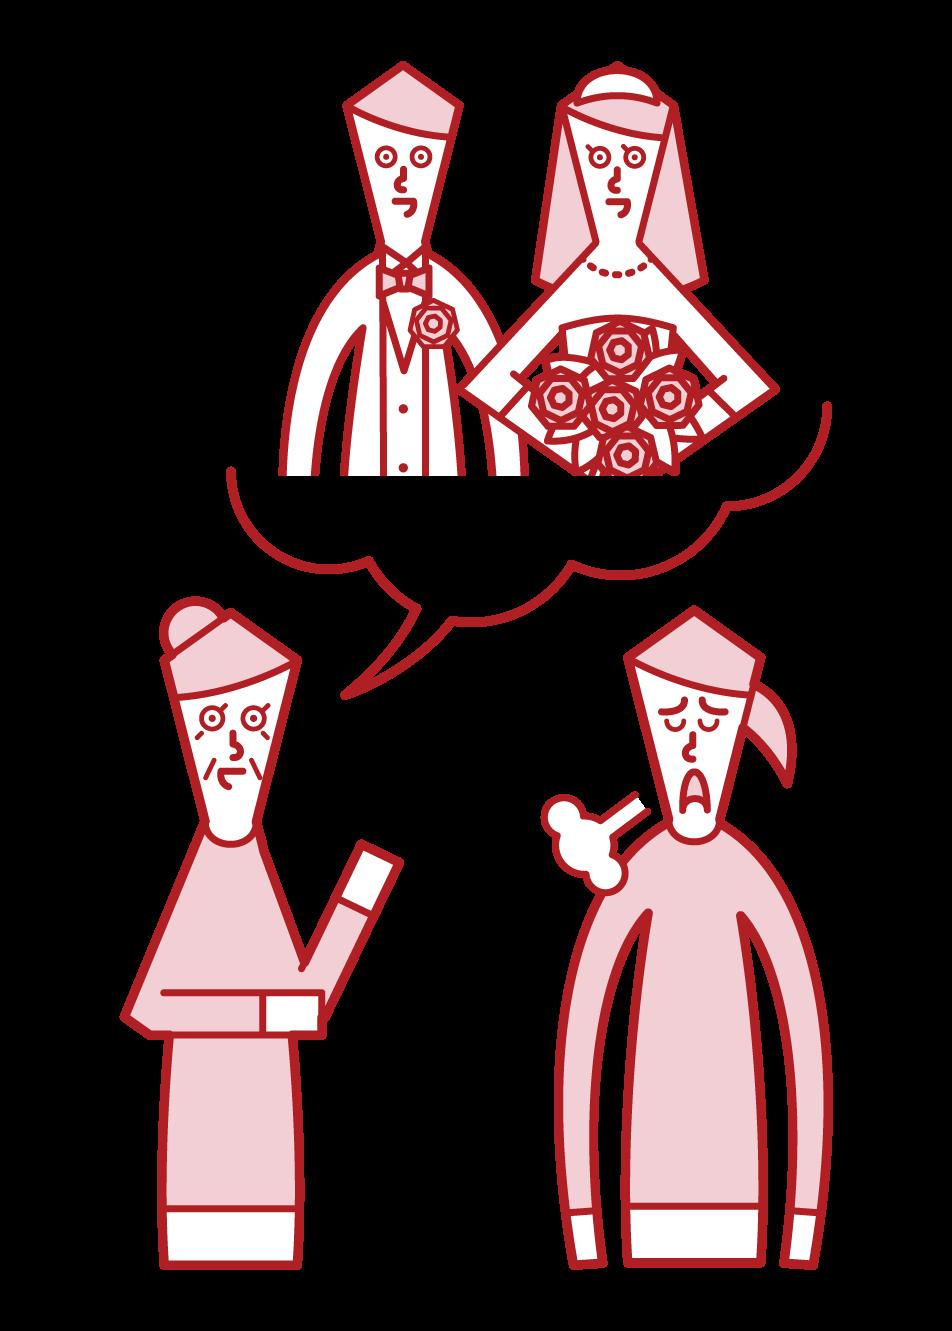 娘の結婚を期待する親(女性)のイラスト